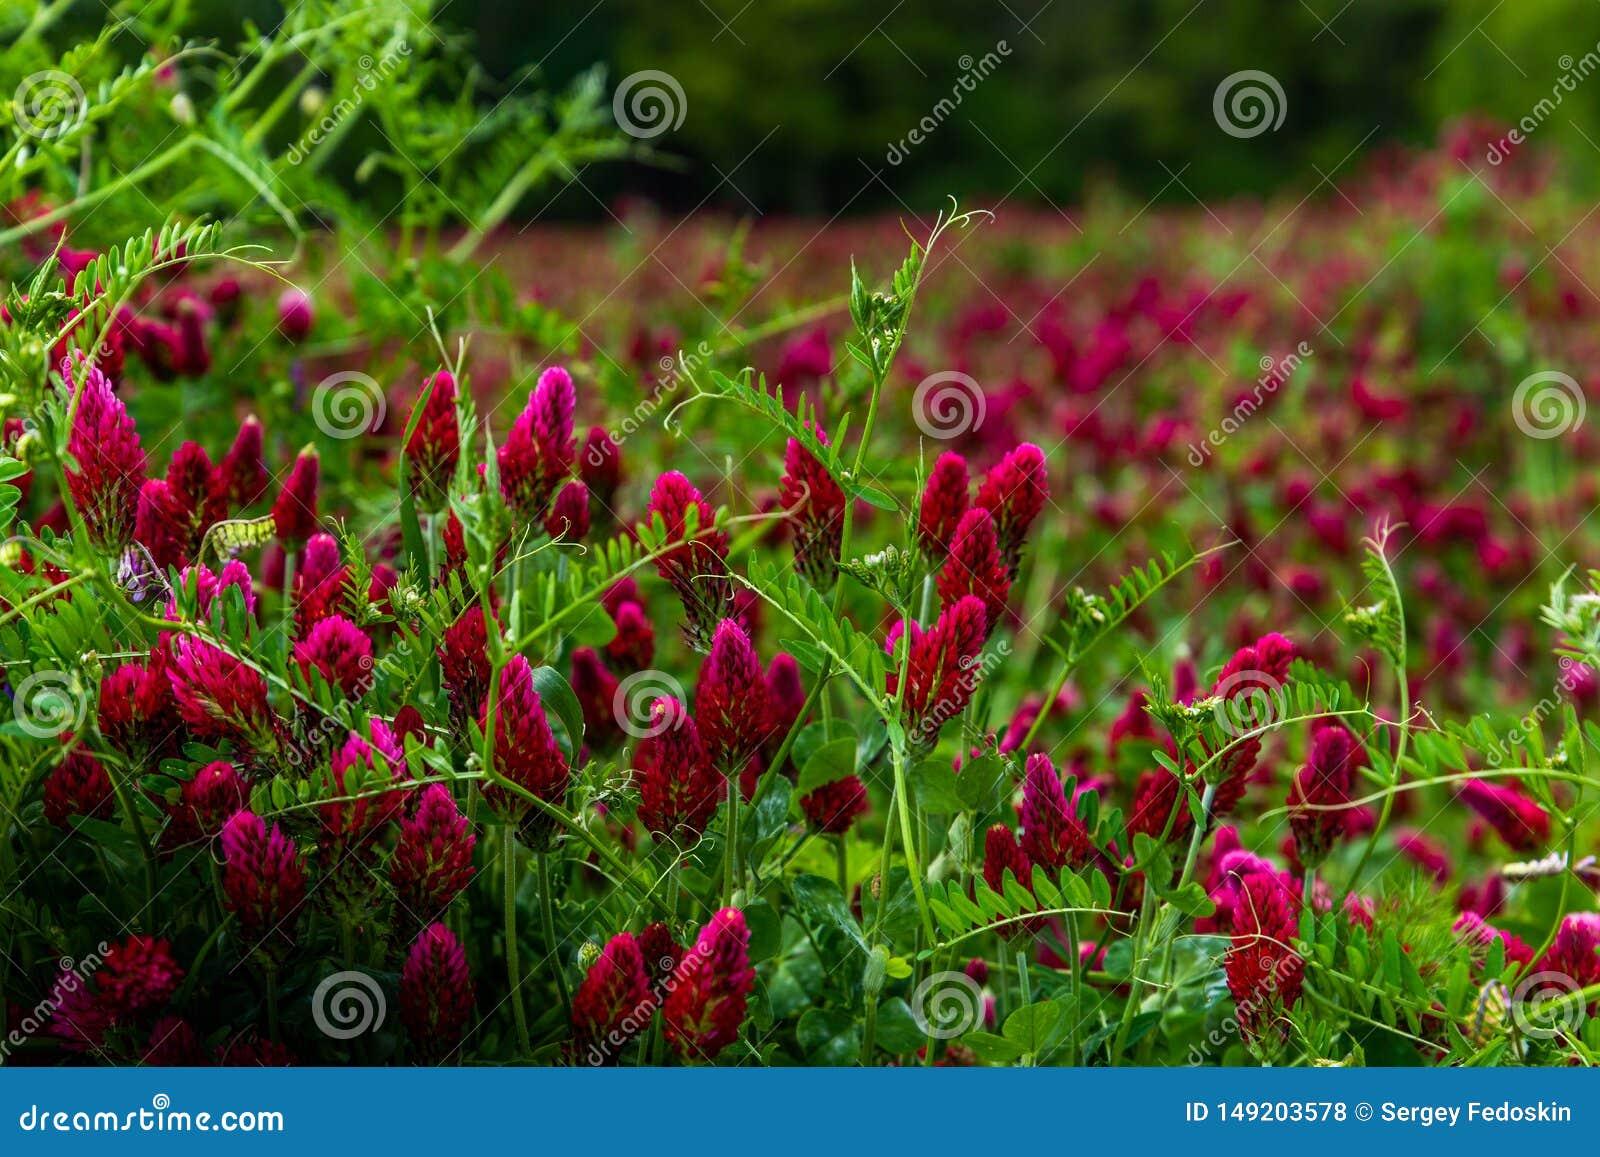 Field of flowering crimson clovers Trifolium incarnatum Rural landscape